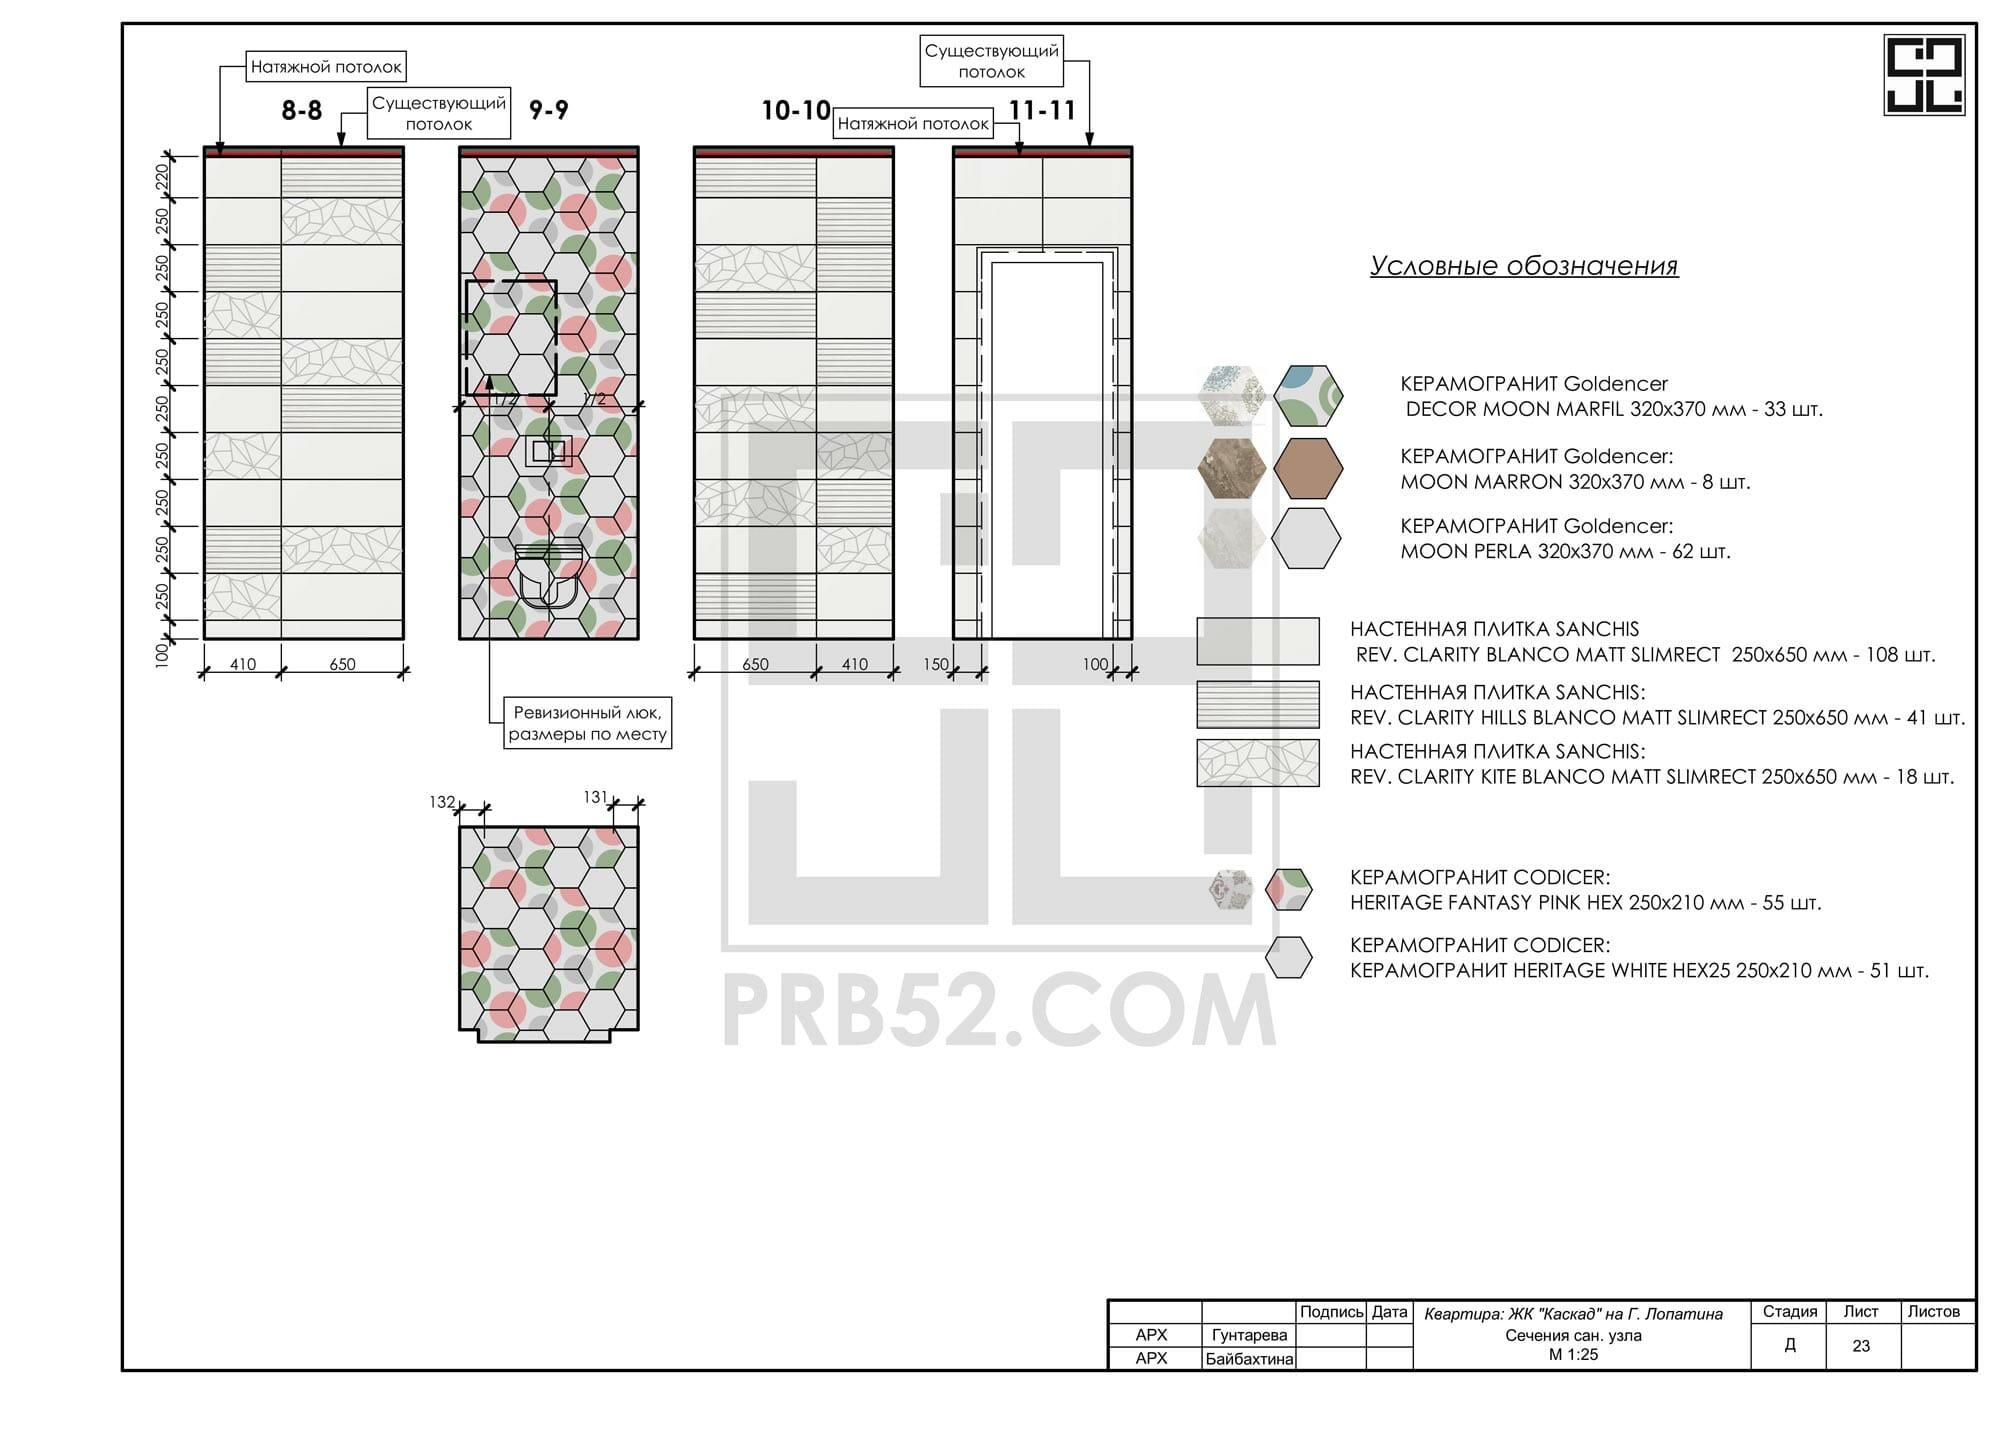 дизайн интерьера планы раскладка плитки